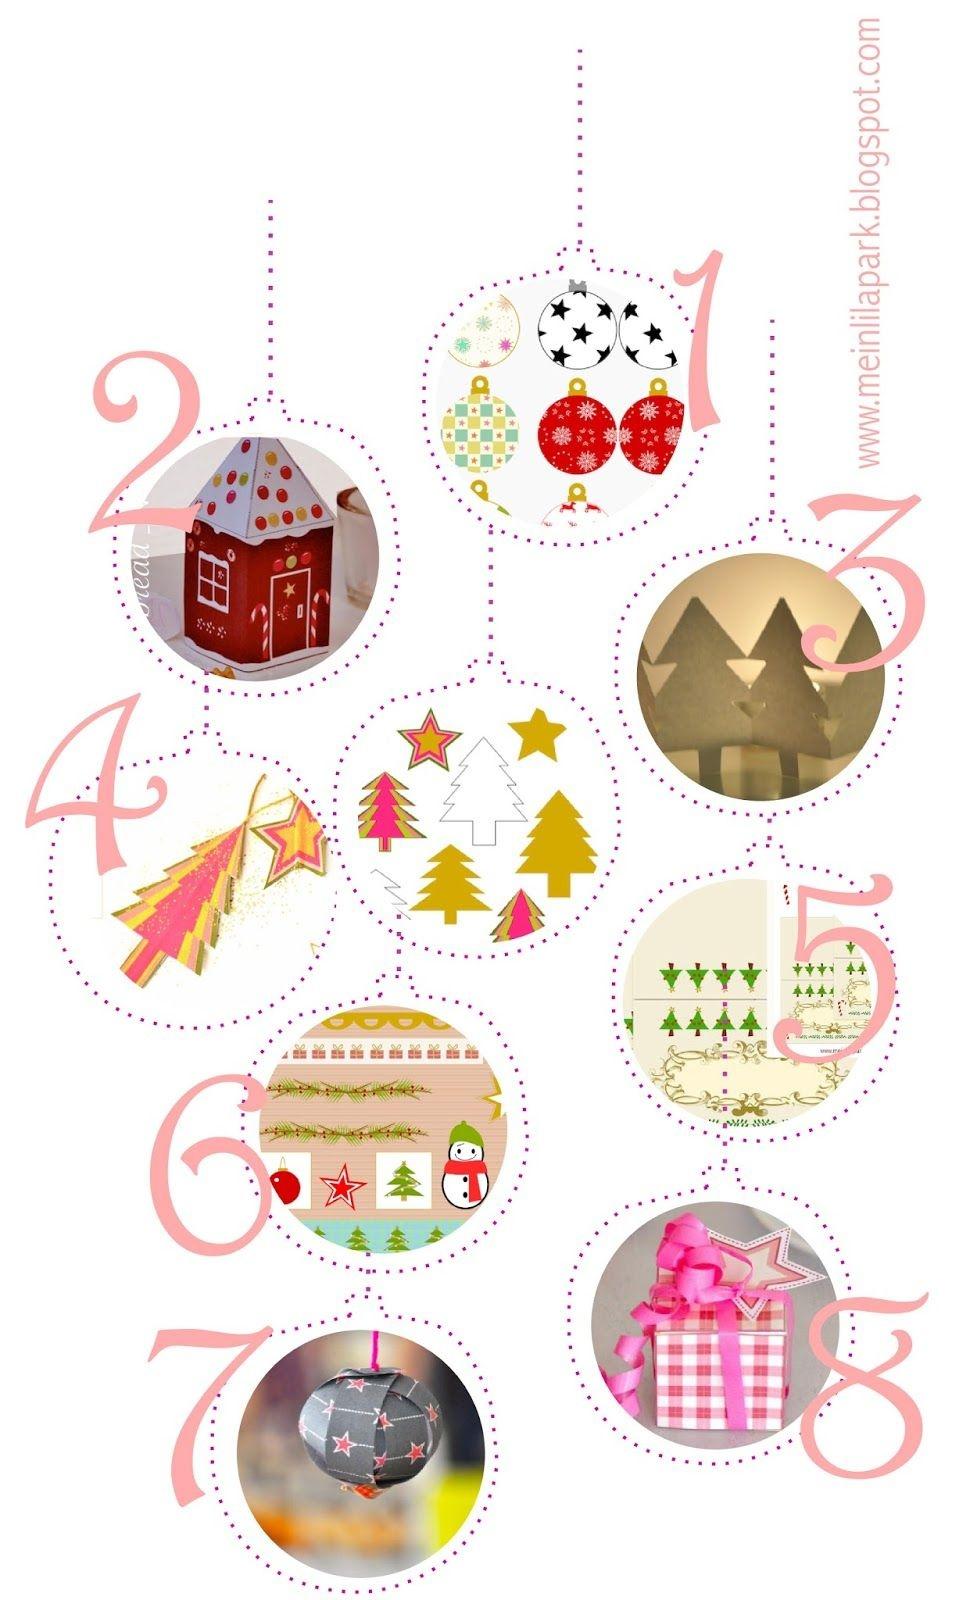 Free Printable Christmas Decorations - Ausdruckbare - Free Printable Christmas Ornaments